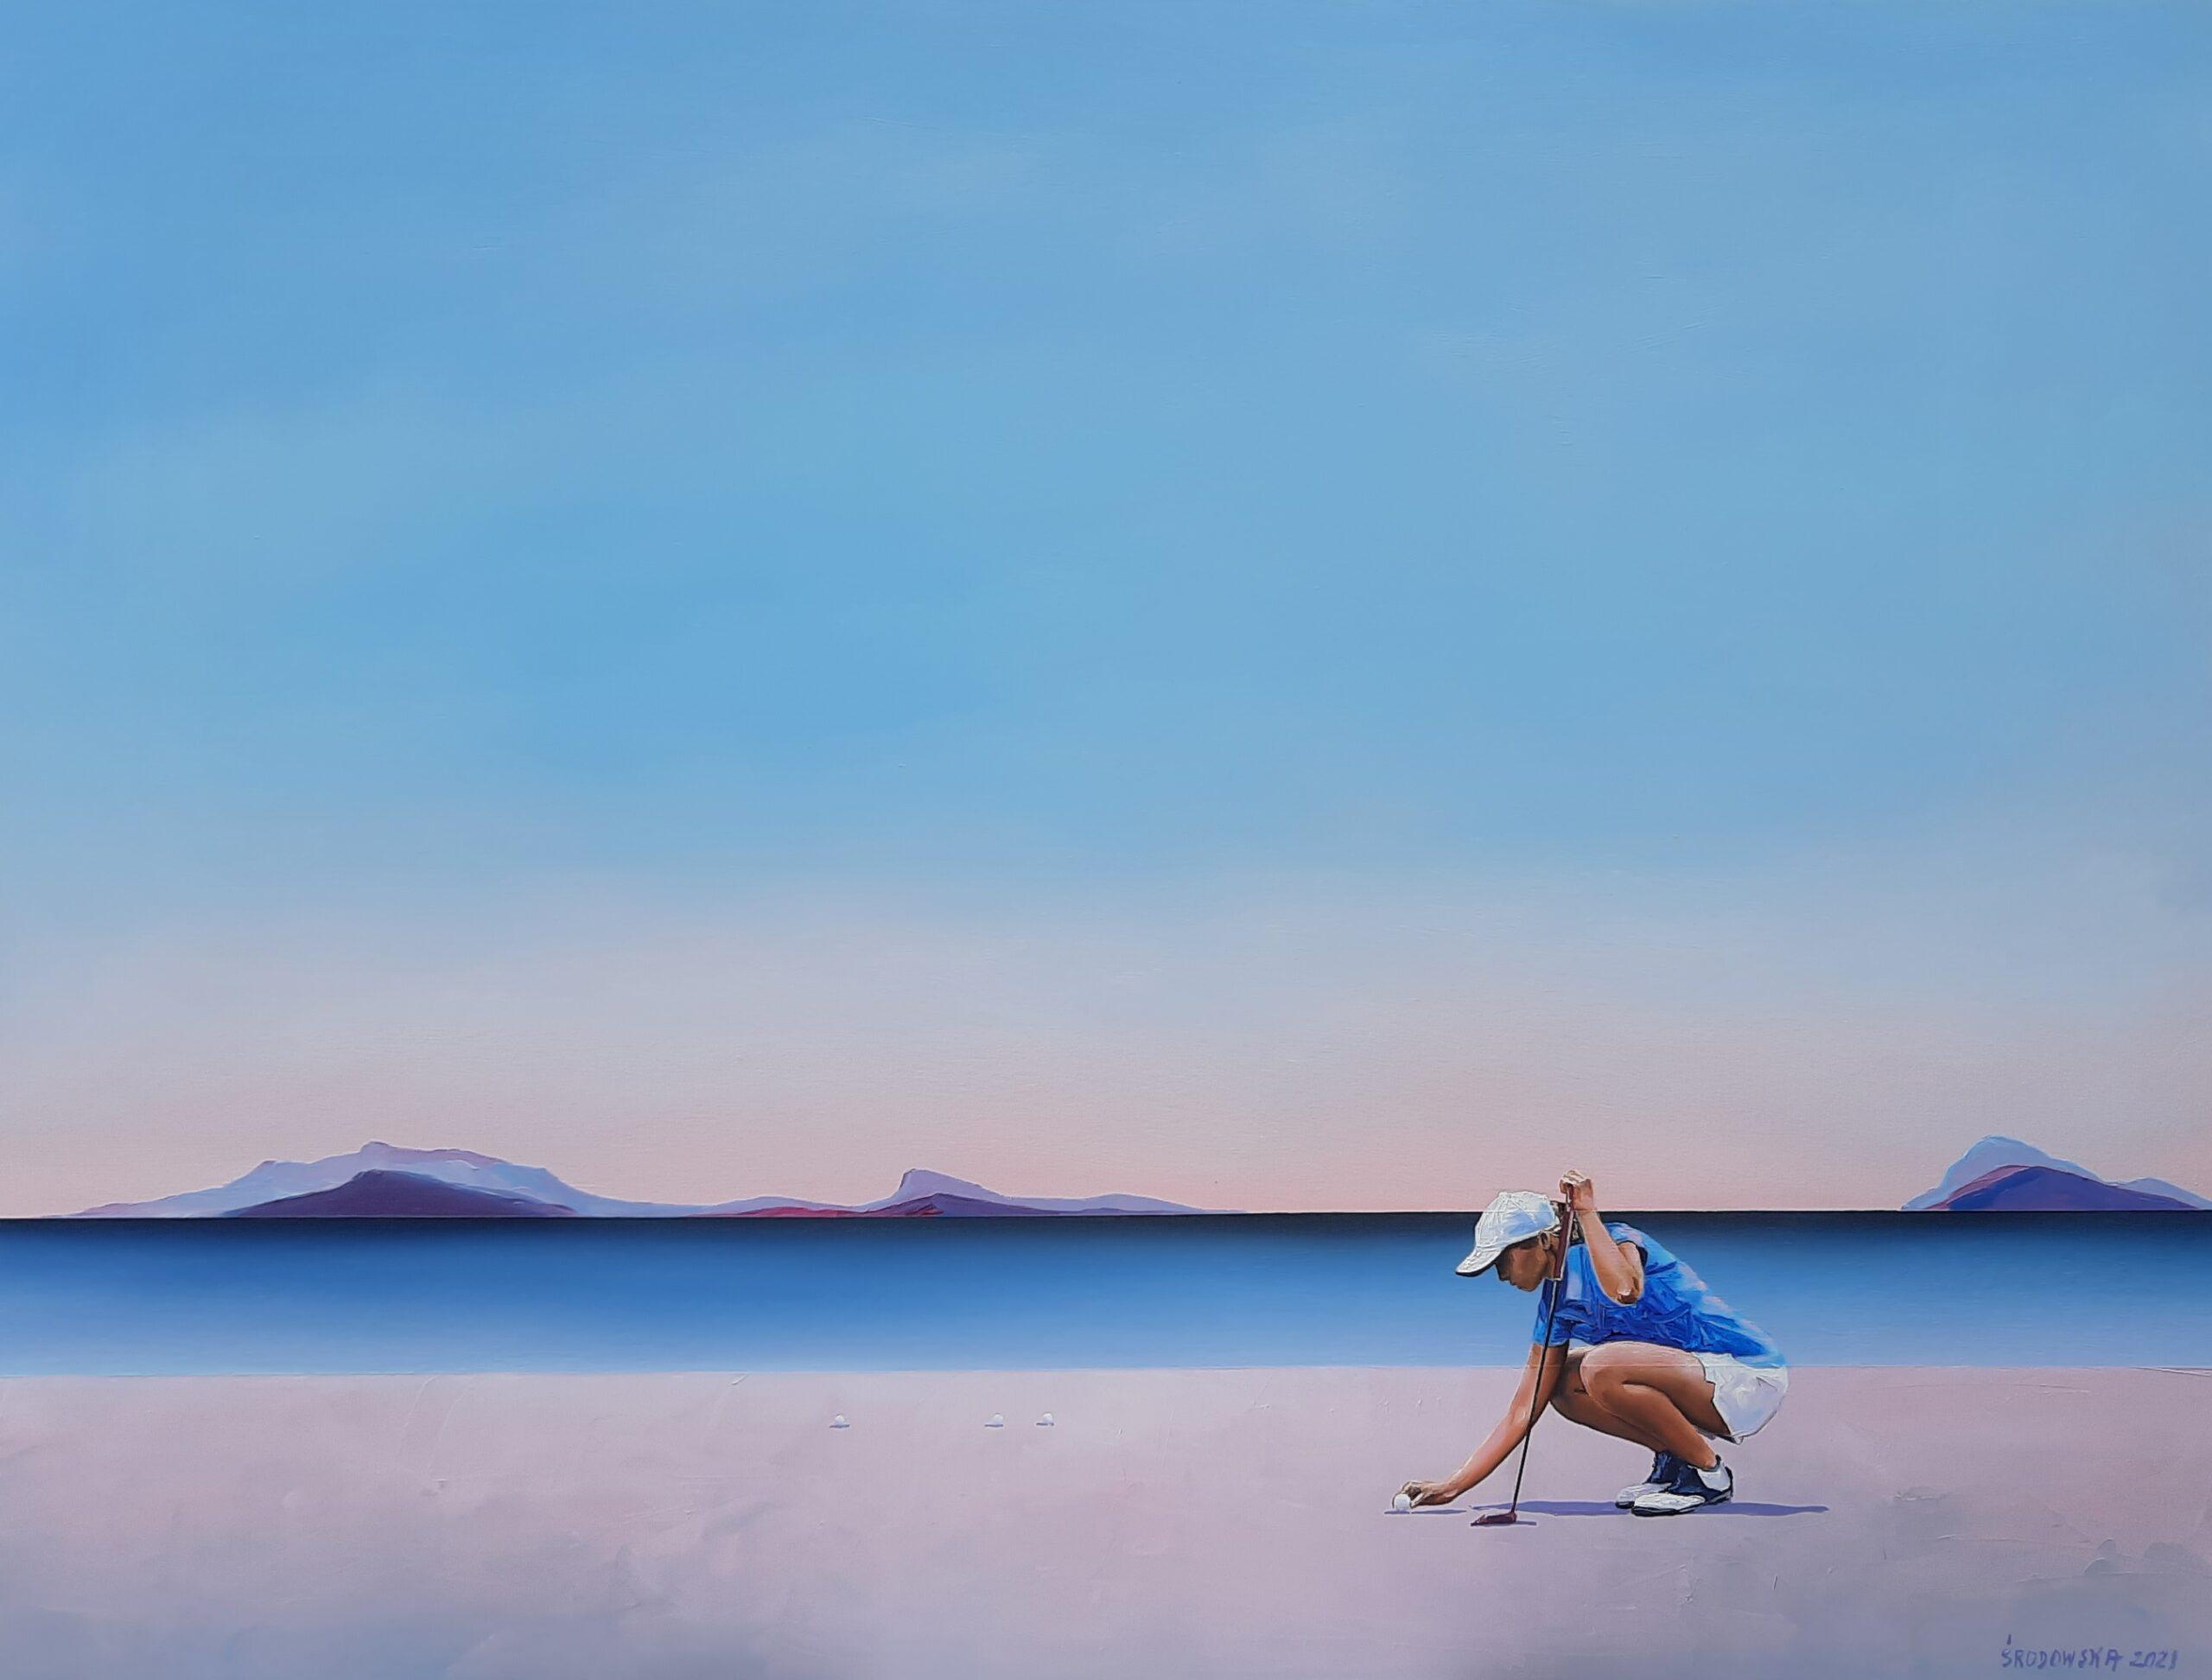 Obraz przedstawia osobę, w letnim stroju sportowym, która kuca nad piłka golfową i oiera się na kiju golfowym. Jest to na plaży. Jest letni dzień.